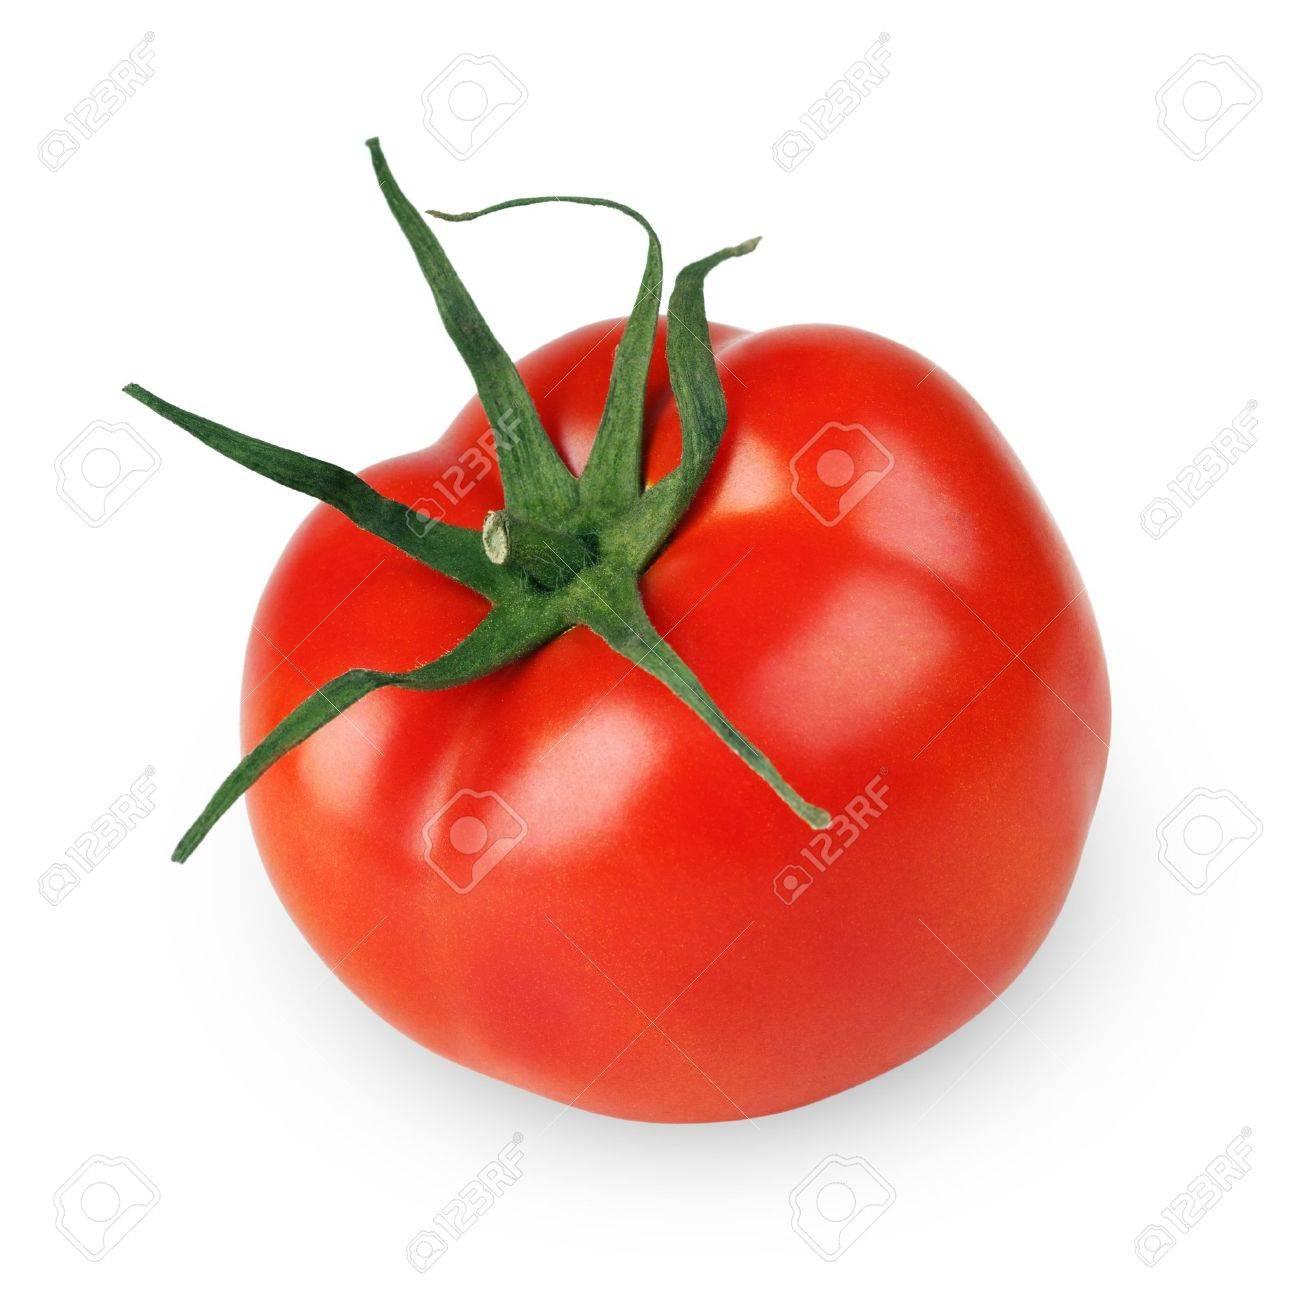 Single tomato vegetable isolated on white background - 11645815